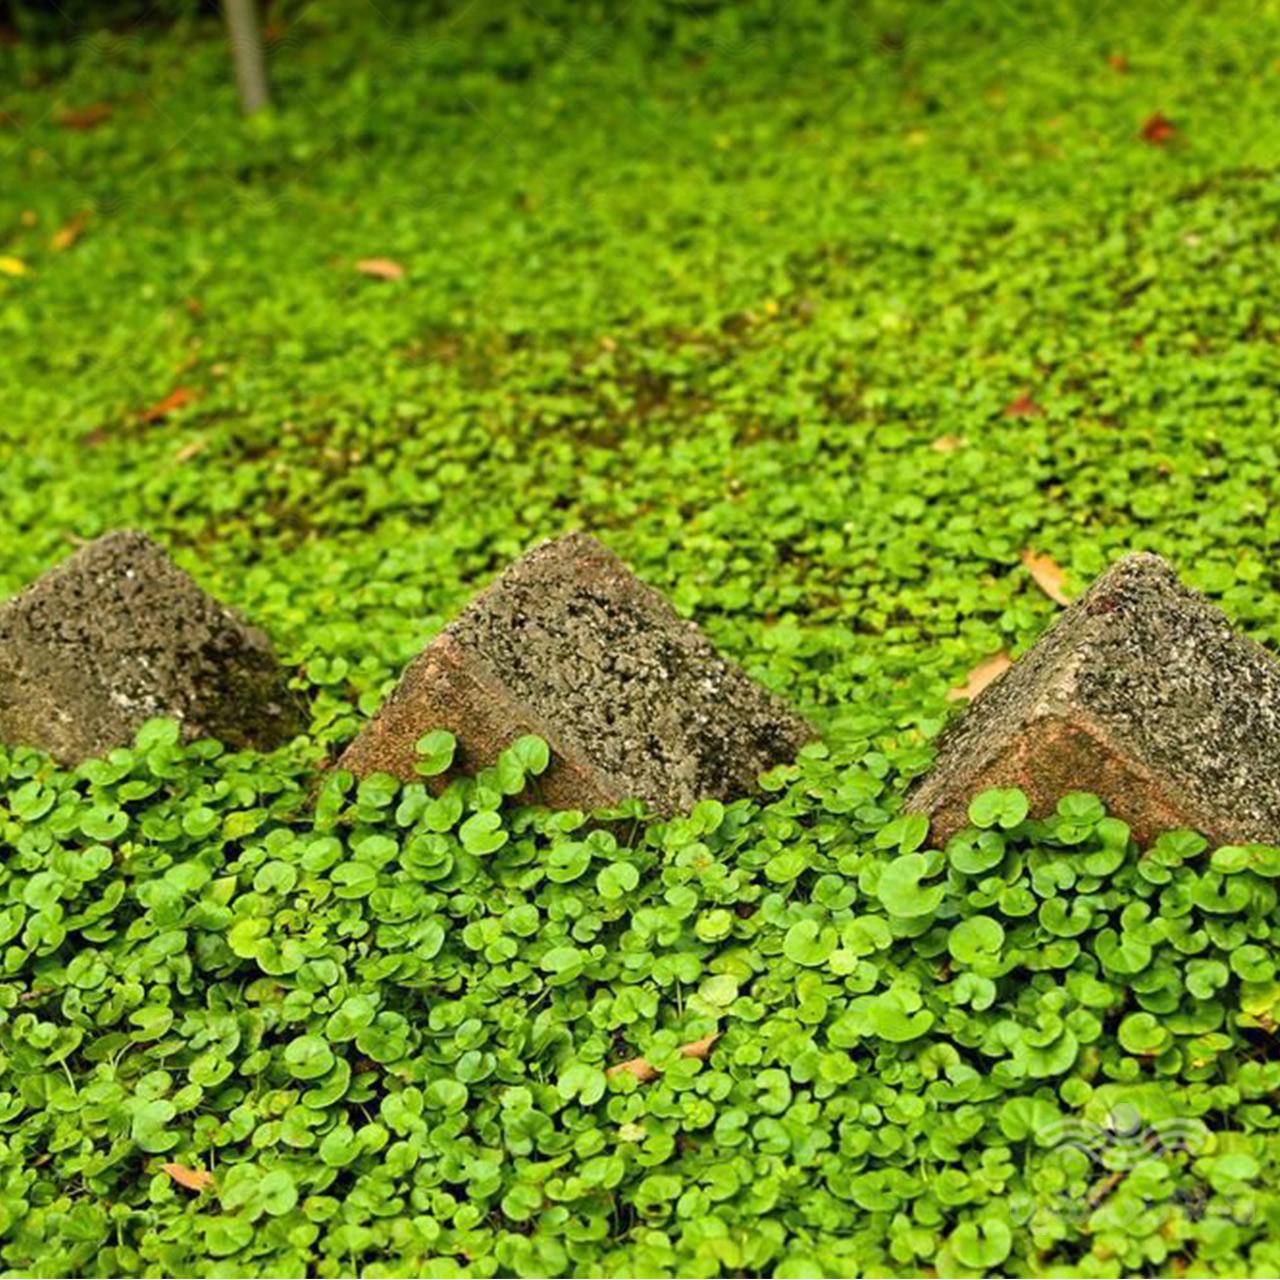 بذر چمن خانگی دایکوندرا (شبدر زینتی)